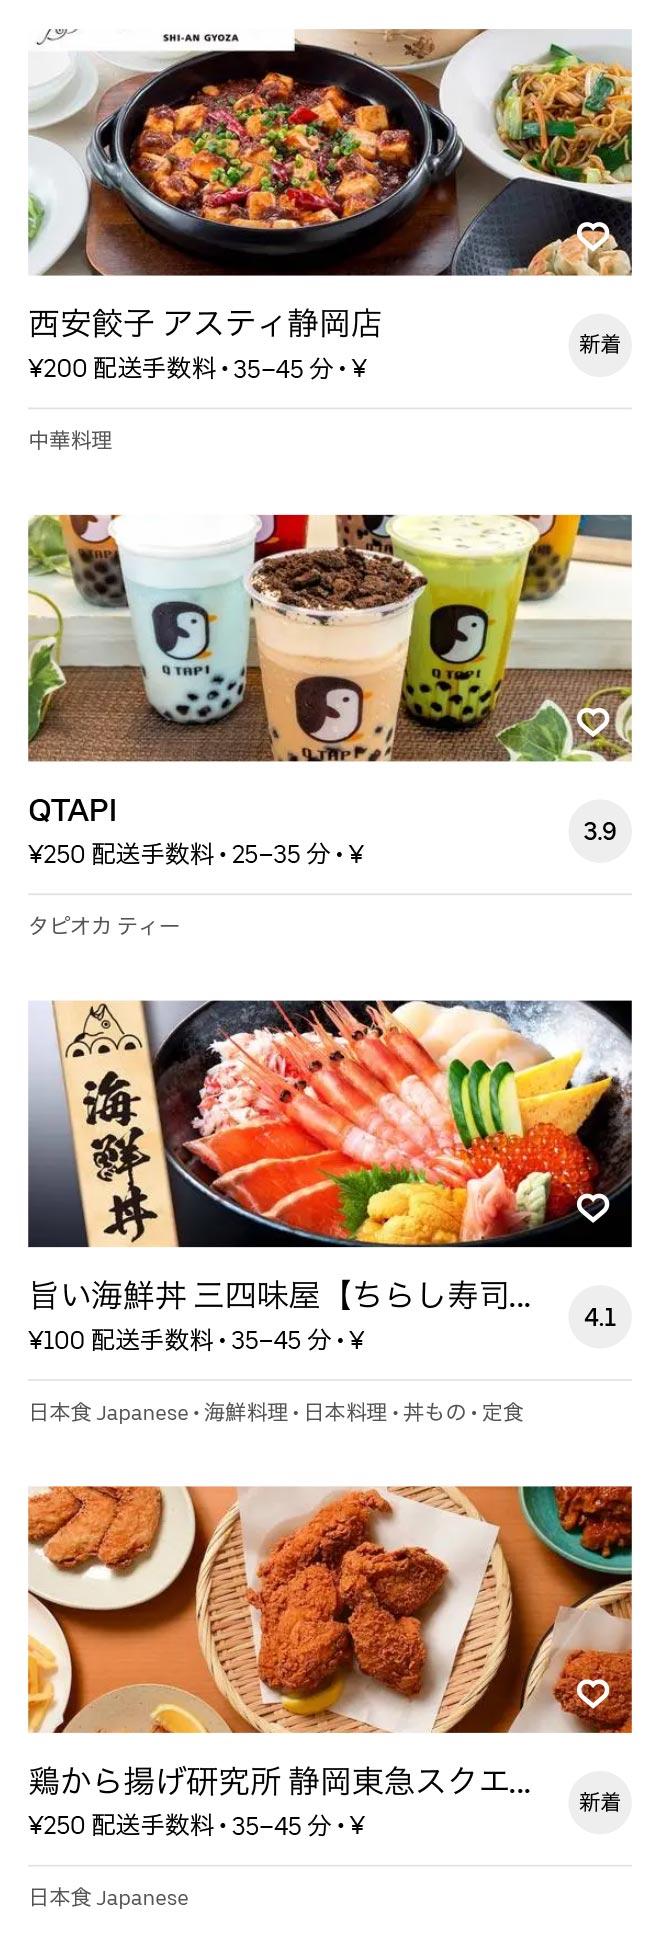 Higashi shizuoka menu 2010 11